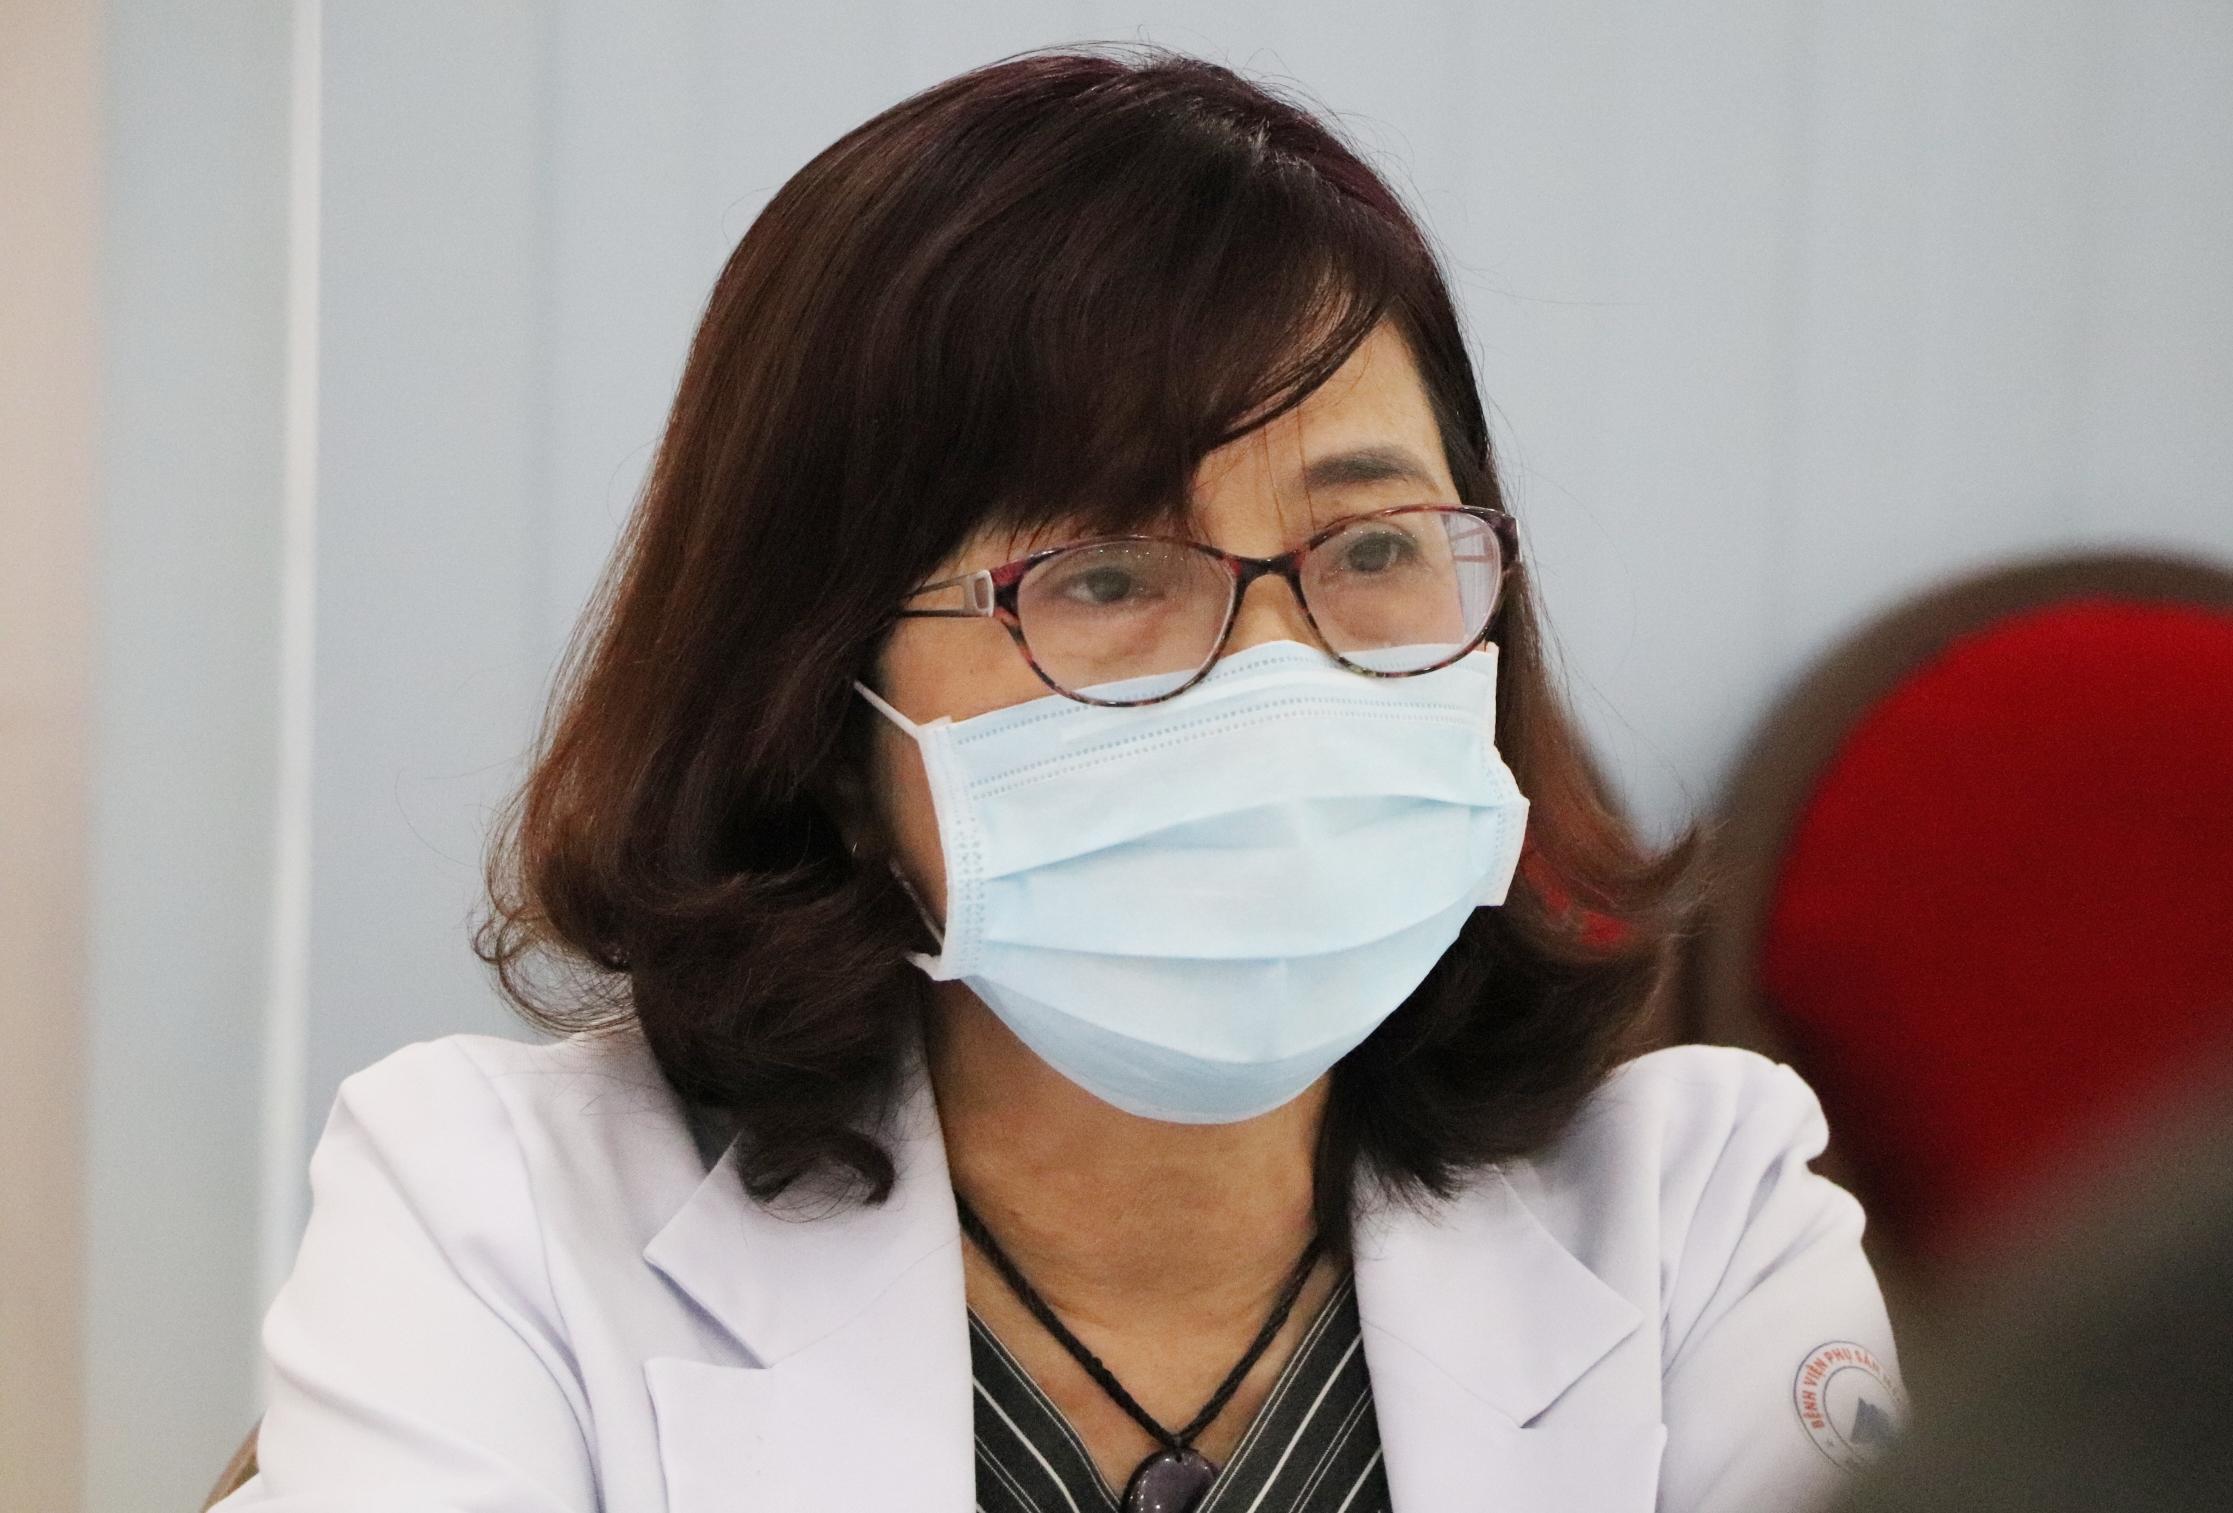 Vụ sản phụ liệt nửa người sau khi sinh mổ: Bệnh viện Phụ sản Mêkông thừa nhận sai sót, nhận trách nhiệm về mình - Ảnh 3.